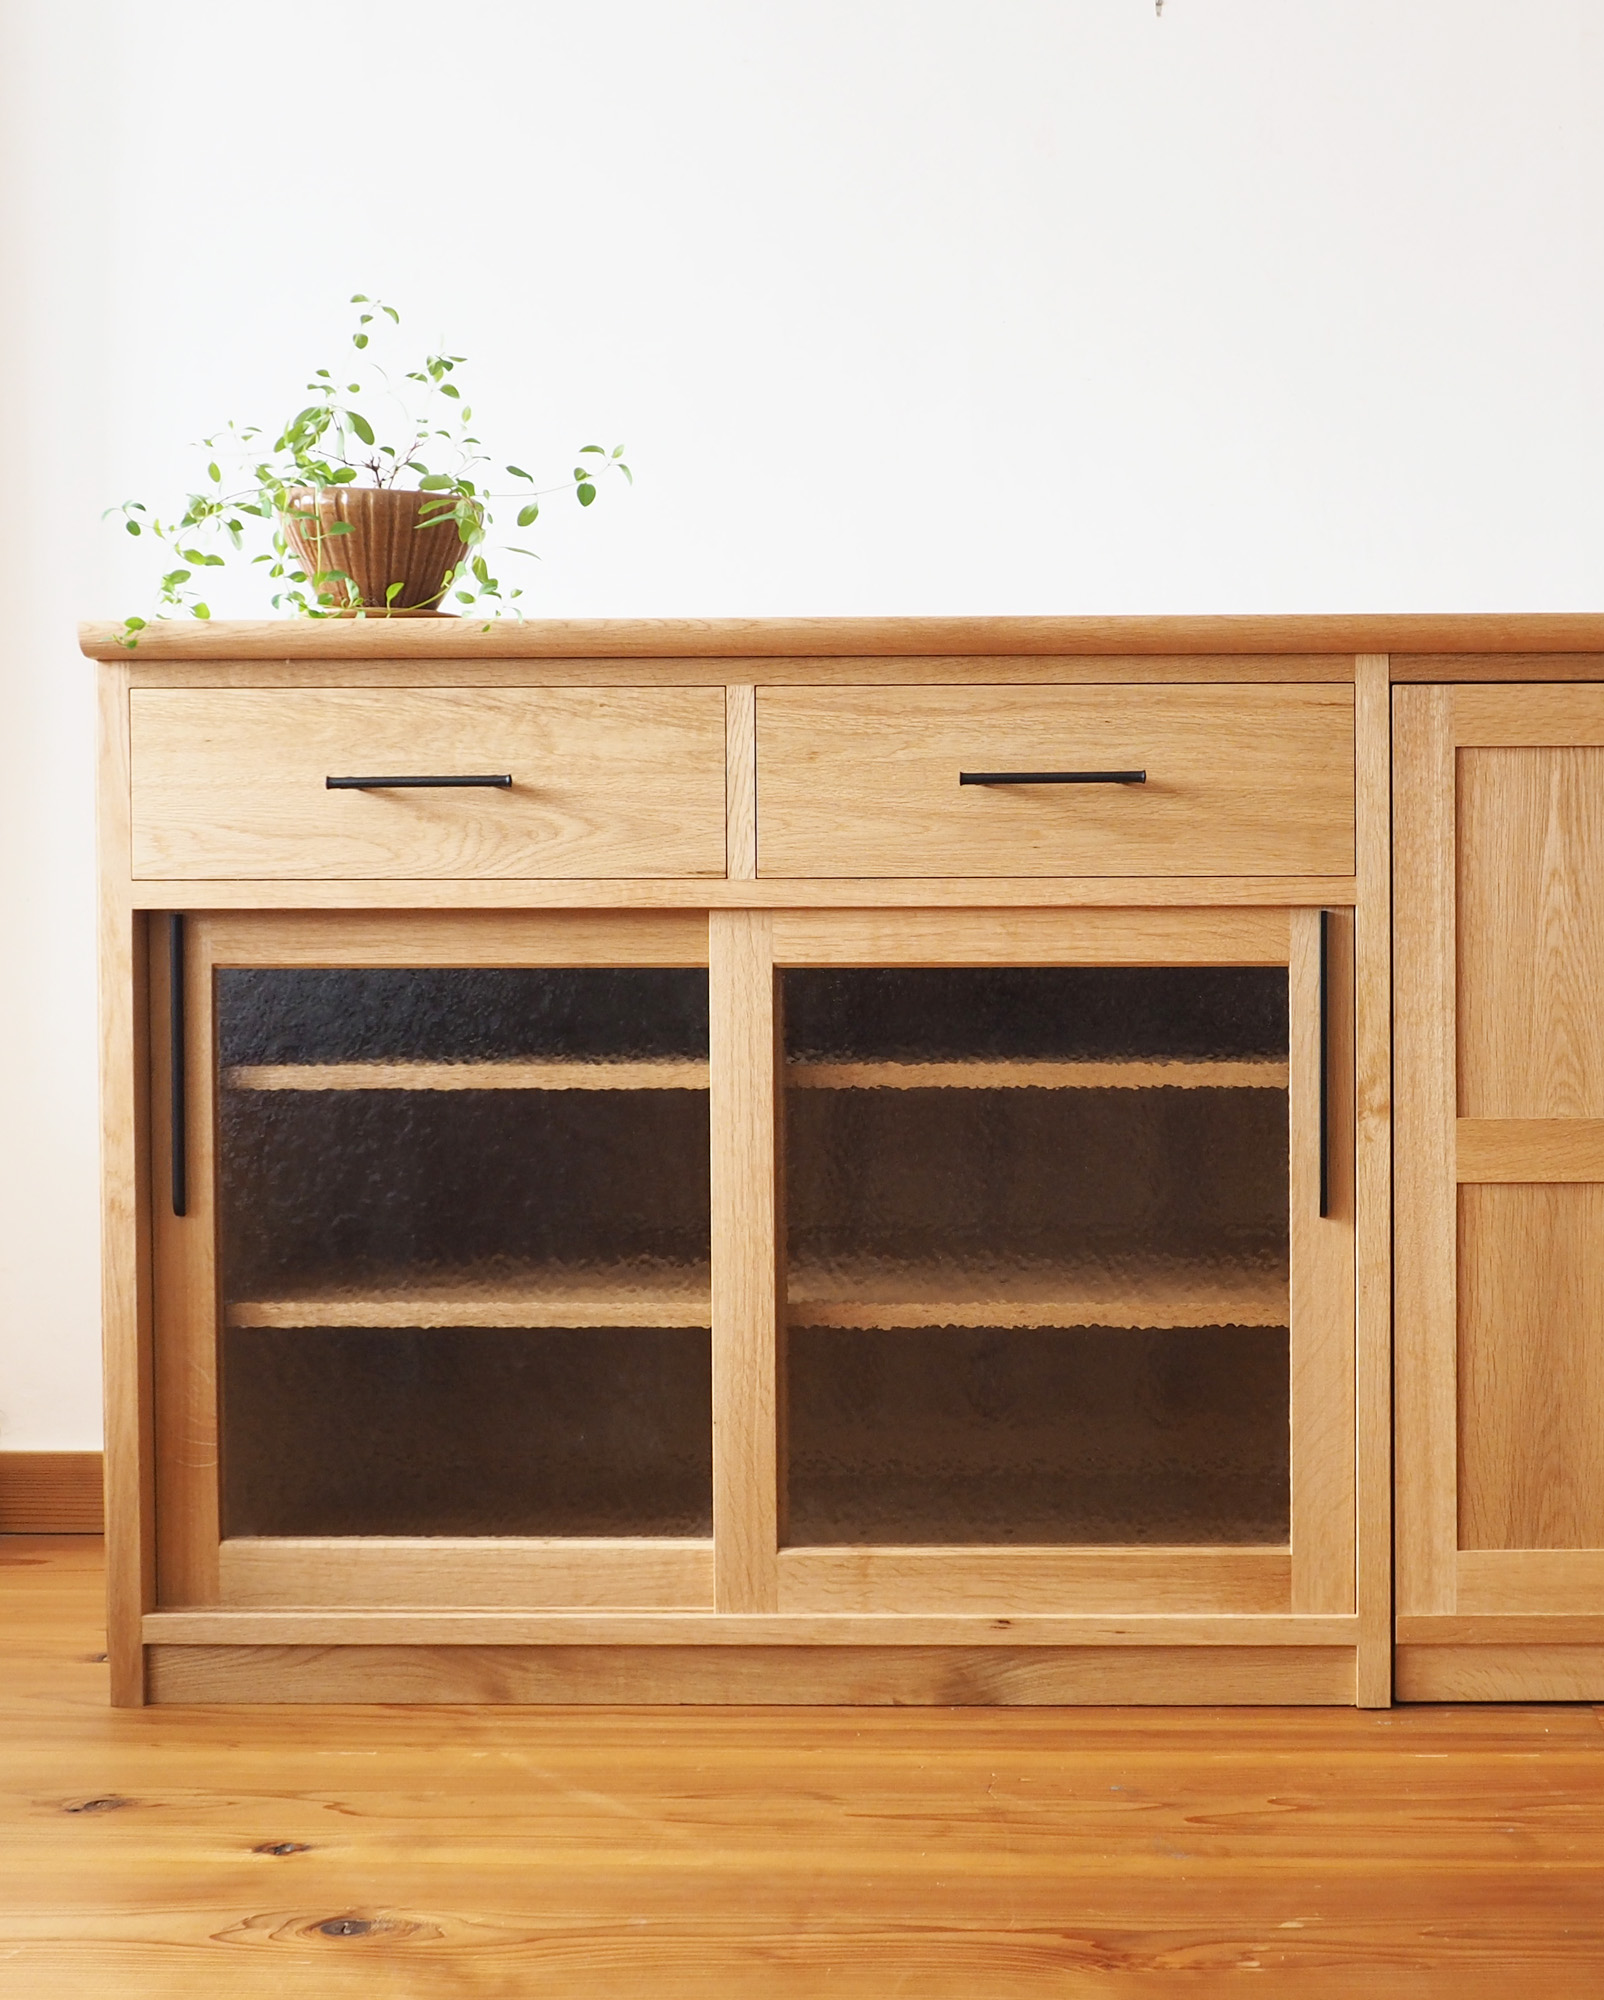 食器戸棚 木 キッチン収納棚 キッチカウンター オーダーメイド